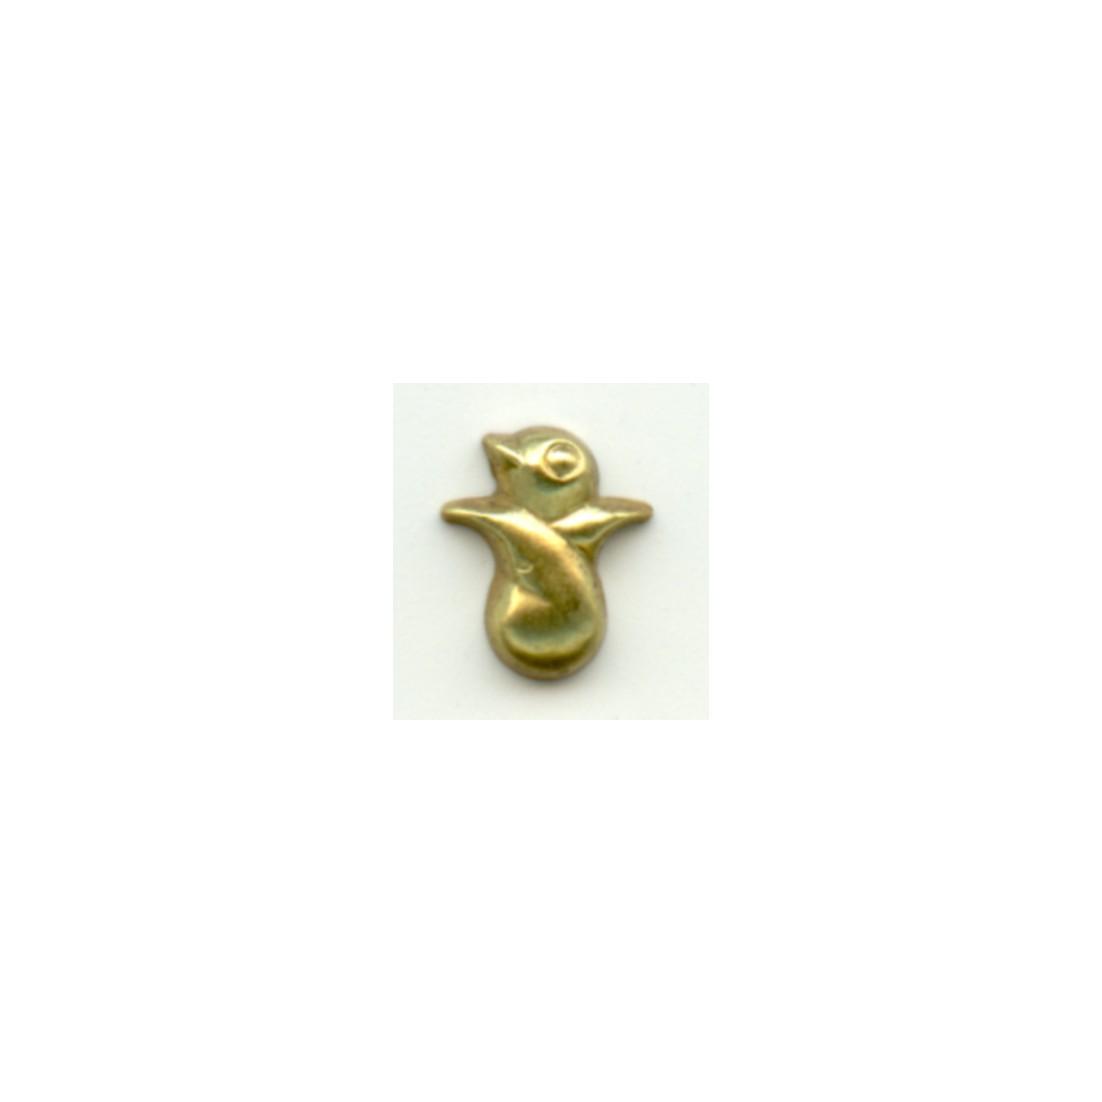 estampaciones para fornituras joyeria fabricante oro mayorista cordoba ref. 470151